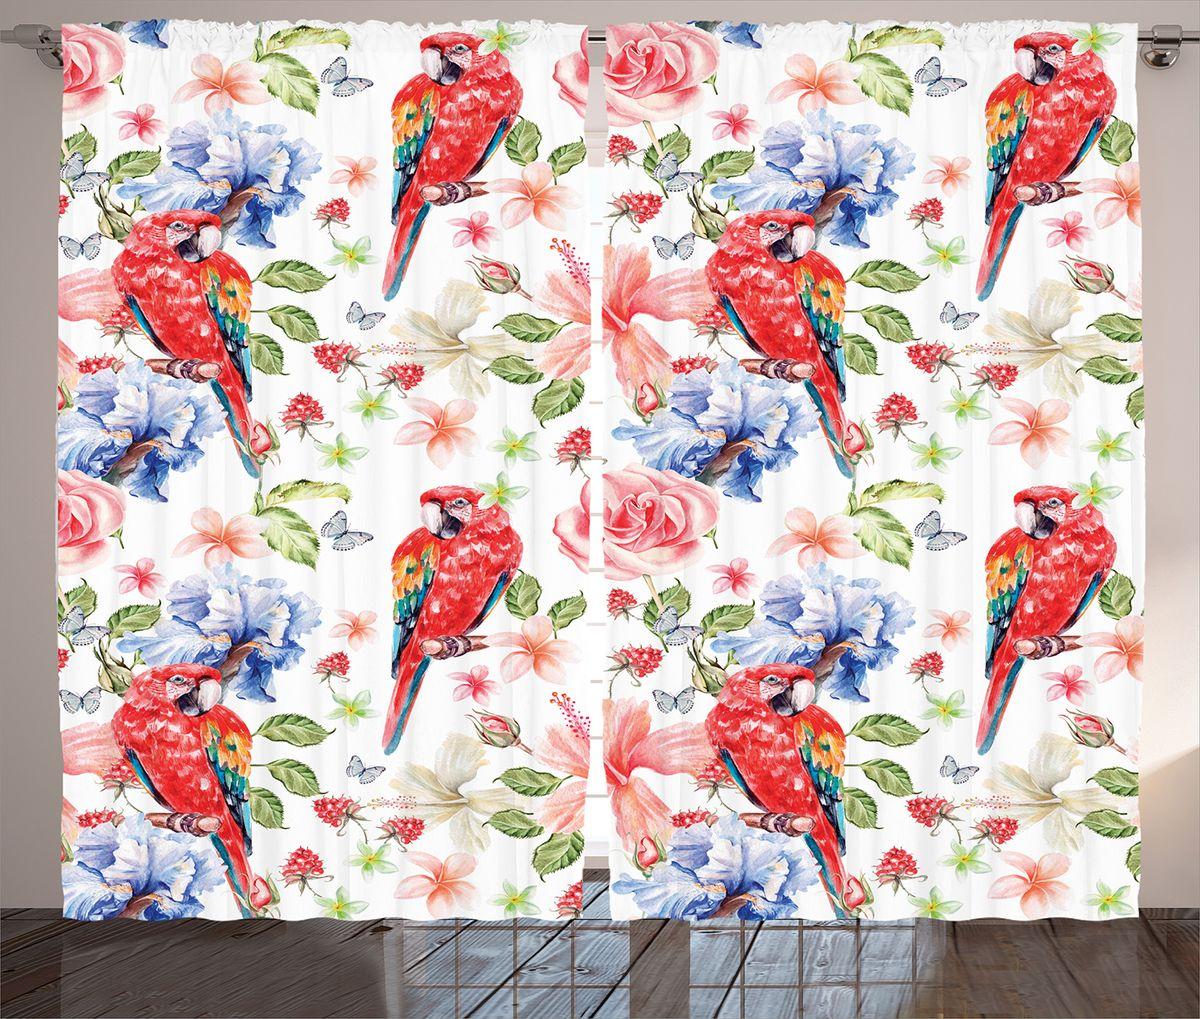 Комплект фотоштор Magic Lady Красные попугаи, цветы и ягоды, на ленте, высота 265 см. шсг_14973шсг_8971Компания Сэмболь изготавливает шторы из высококачественного сатена (полиэстер 100%). При изготовлении используются специальные гипоаллергенные чернила для прямой печати по ткани, безопасные для человека и животных. Экологичность продукции Magic lady и безопасность для окружающей среды подтверждены сертификатом Oeko-Tex Standard 100. Крепление: крючки для крепления на шторной ленте (50 шт). Возможно крепление на трубу. Внимание! При нанесении сублимационной печати на ткань технологическим методом при температуре 240°С, возможно отклонение полученных размеров (указанных на этикетке и сайте) от стандартных на + - 3-5 см. Производитель старается максимально точно передать цвета изделия на фотографиях, однако искажения неизбежны и фактический цвет изделия может отличаться от воспринимаемого по фото. Обратите внимание! Шторы изготовлены из полиэстра сатенового переплетения, а не из сатина (хлопок). Размер одного полотна шторы: 145х265 см. В комплекте 2 полотна шторы и 50 крючков.